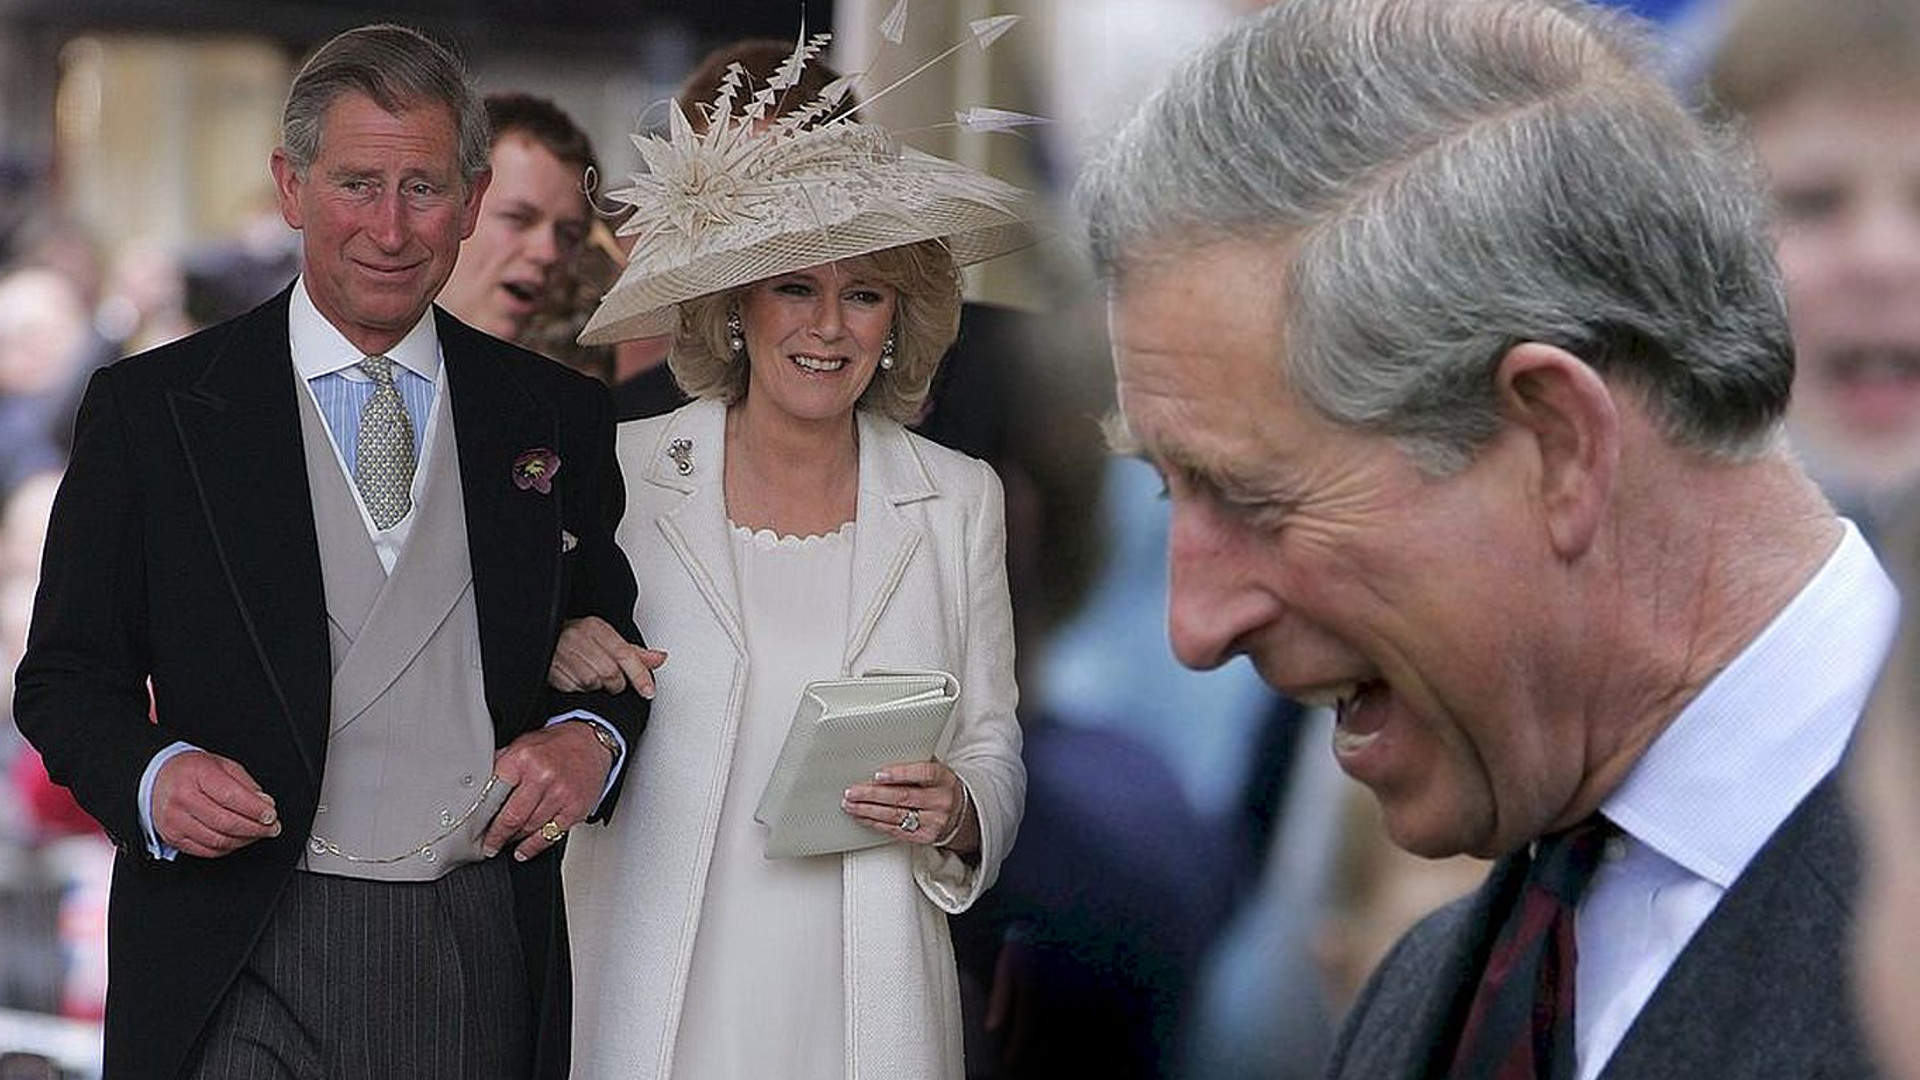 Świąteczna kartka księcia Karola i księżnej Camilli. Karol czule obejmuje małżonkę